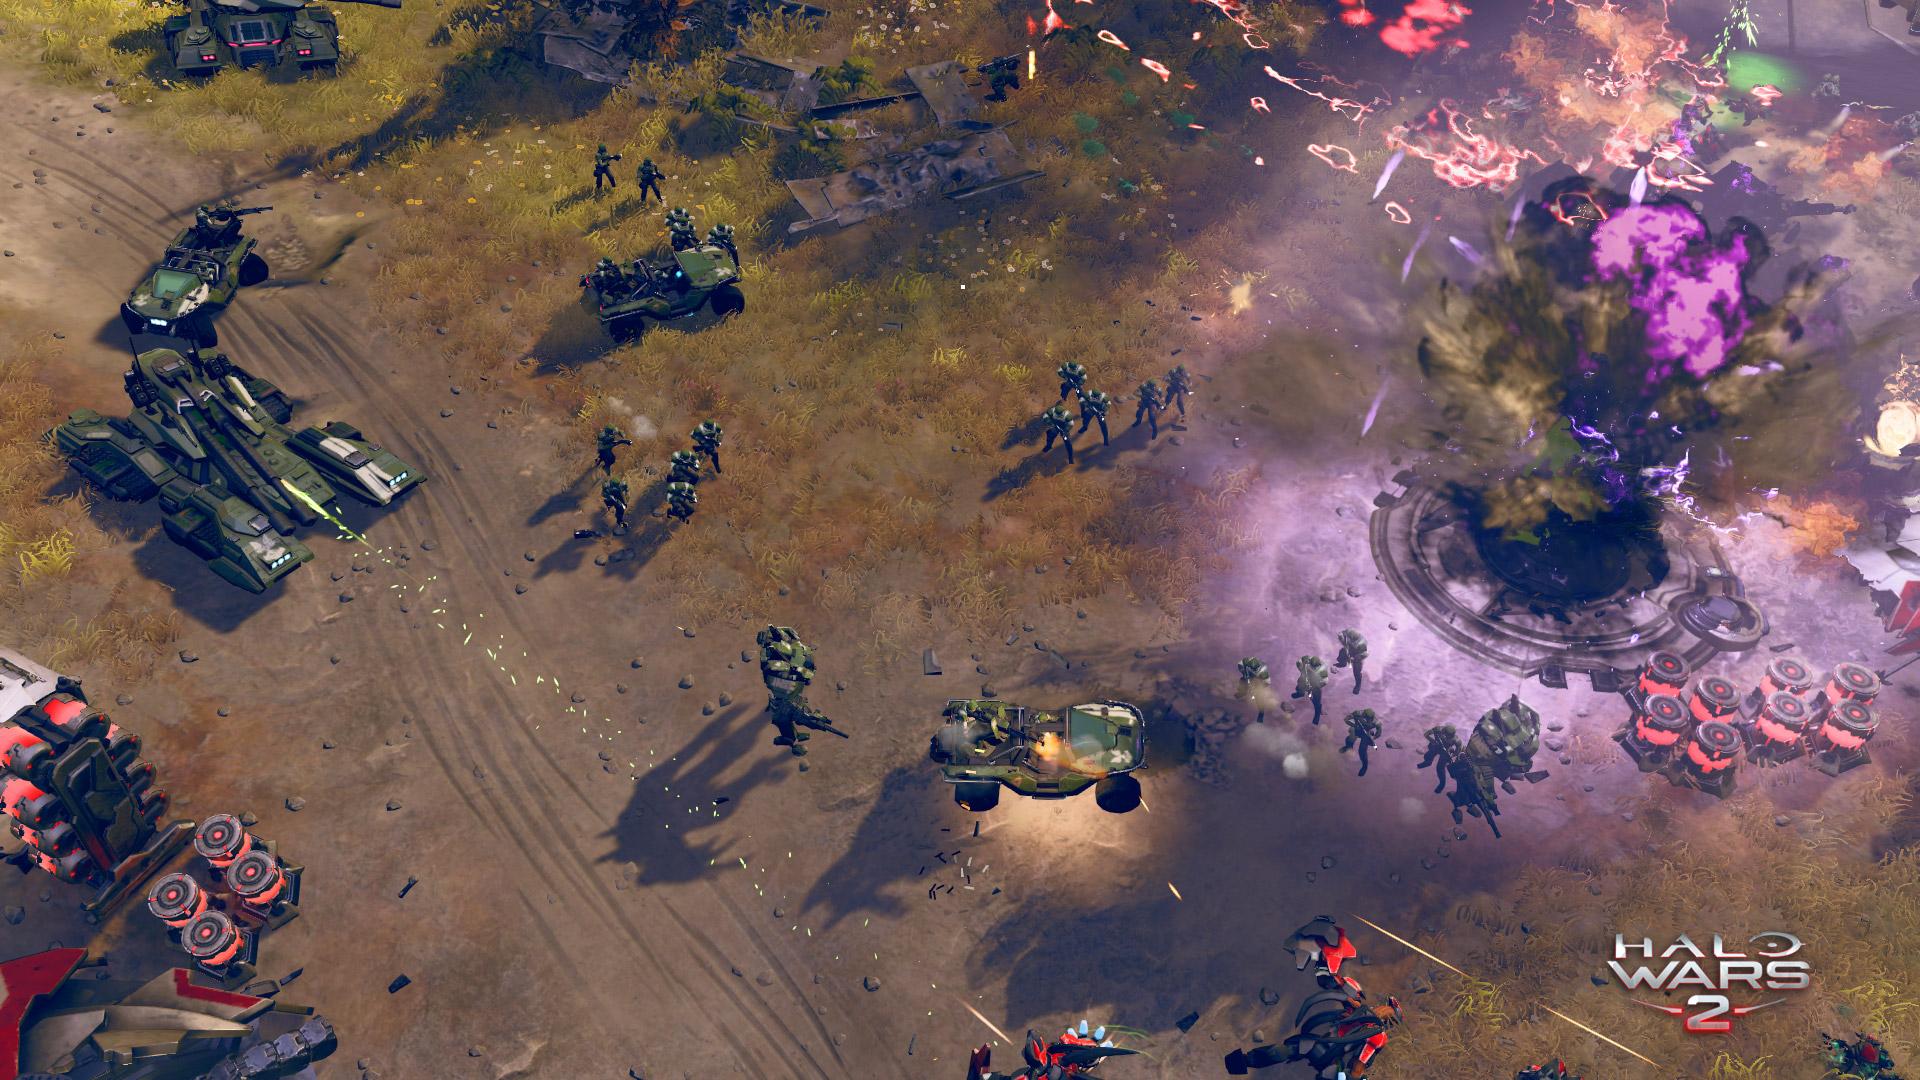 Le jeu met à votre disposition plusieurs armes de destruction massive